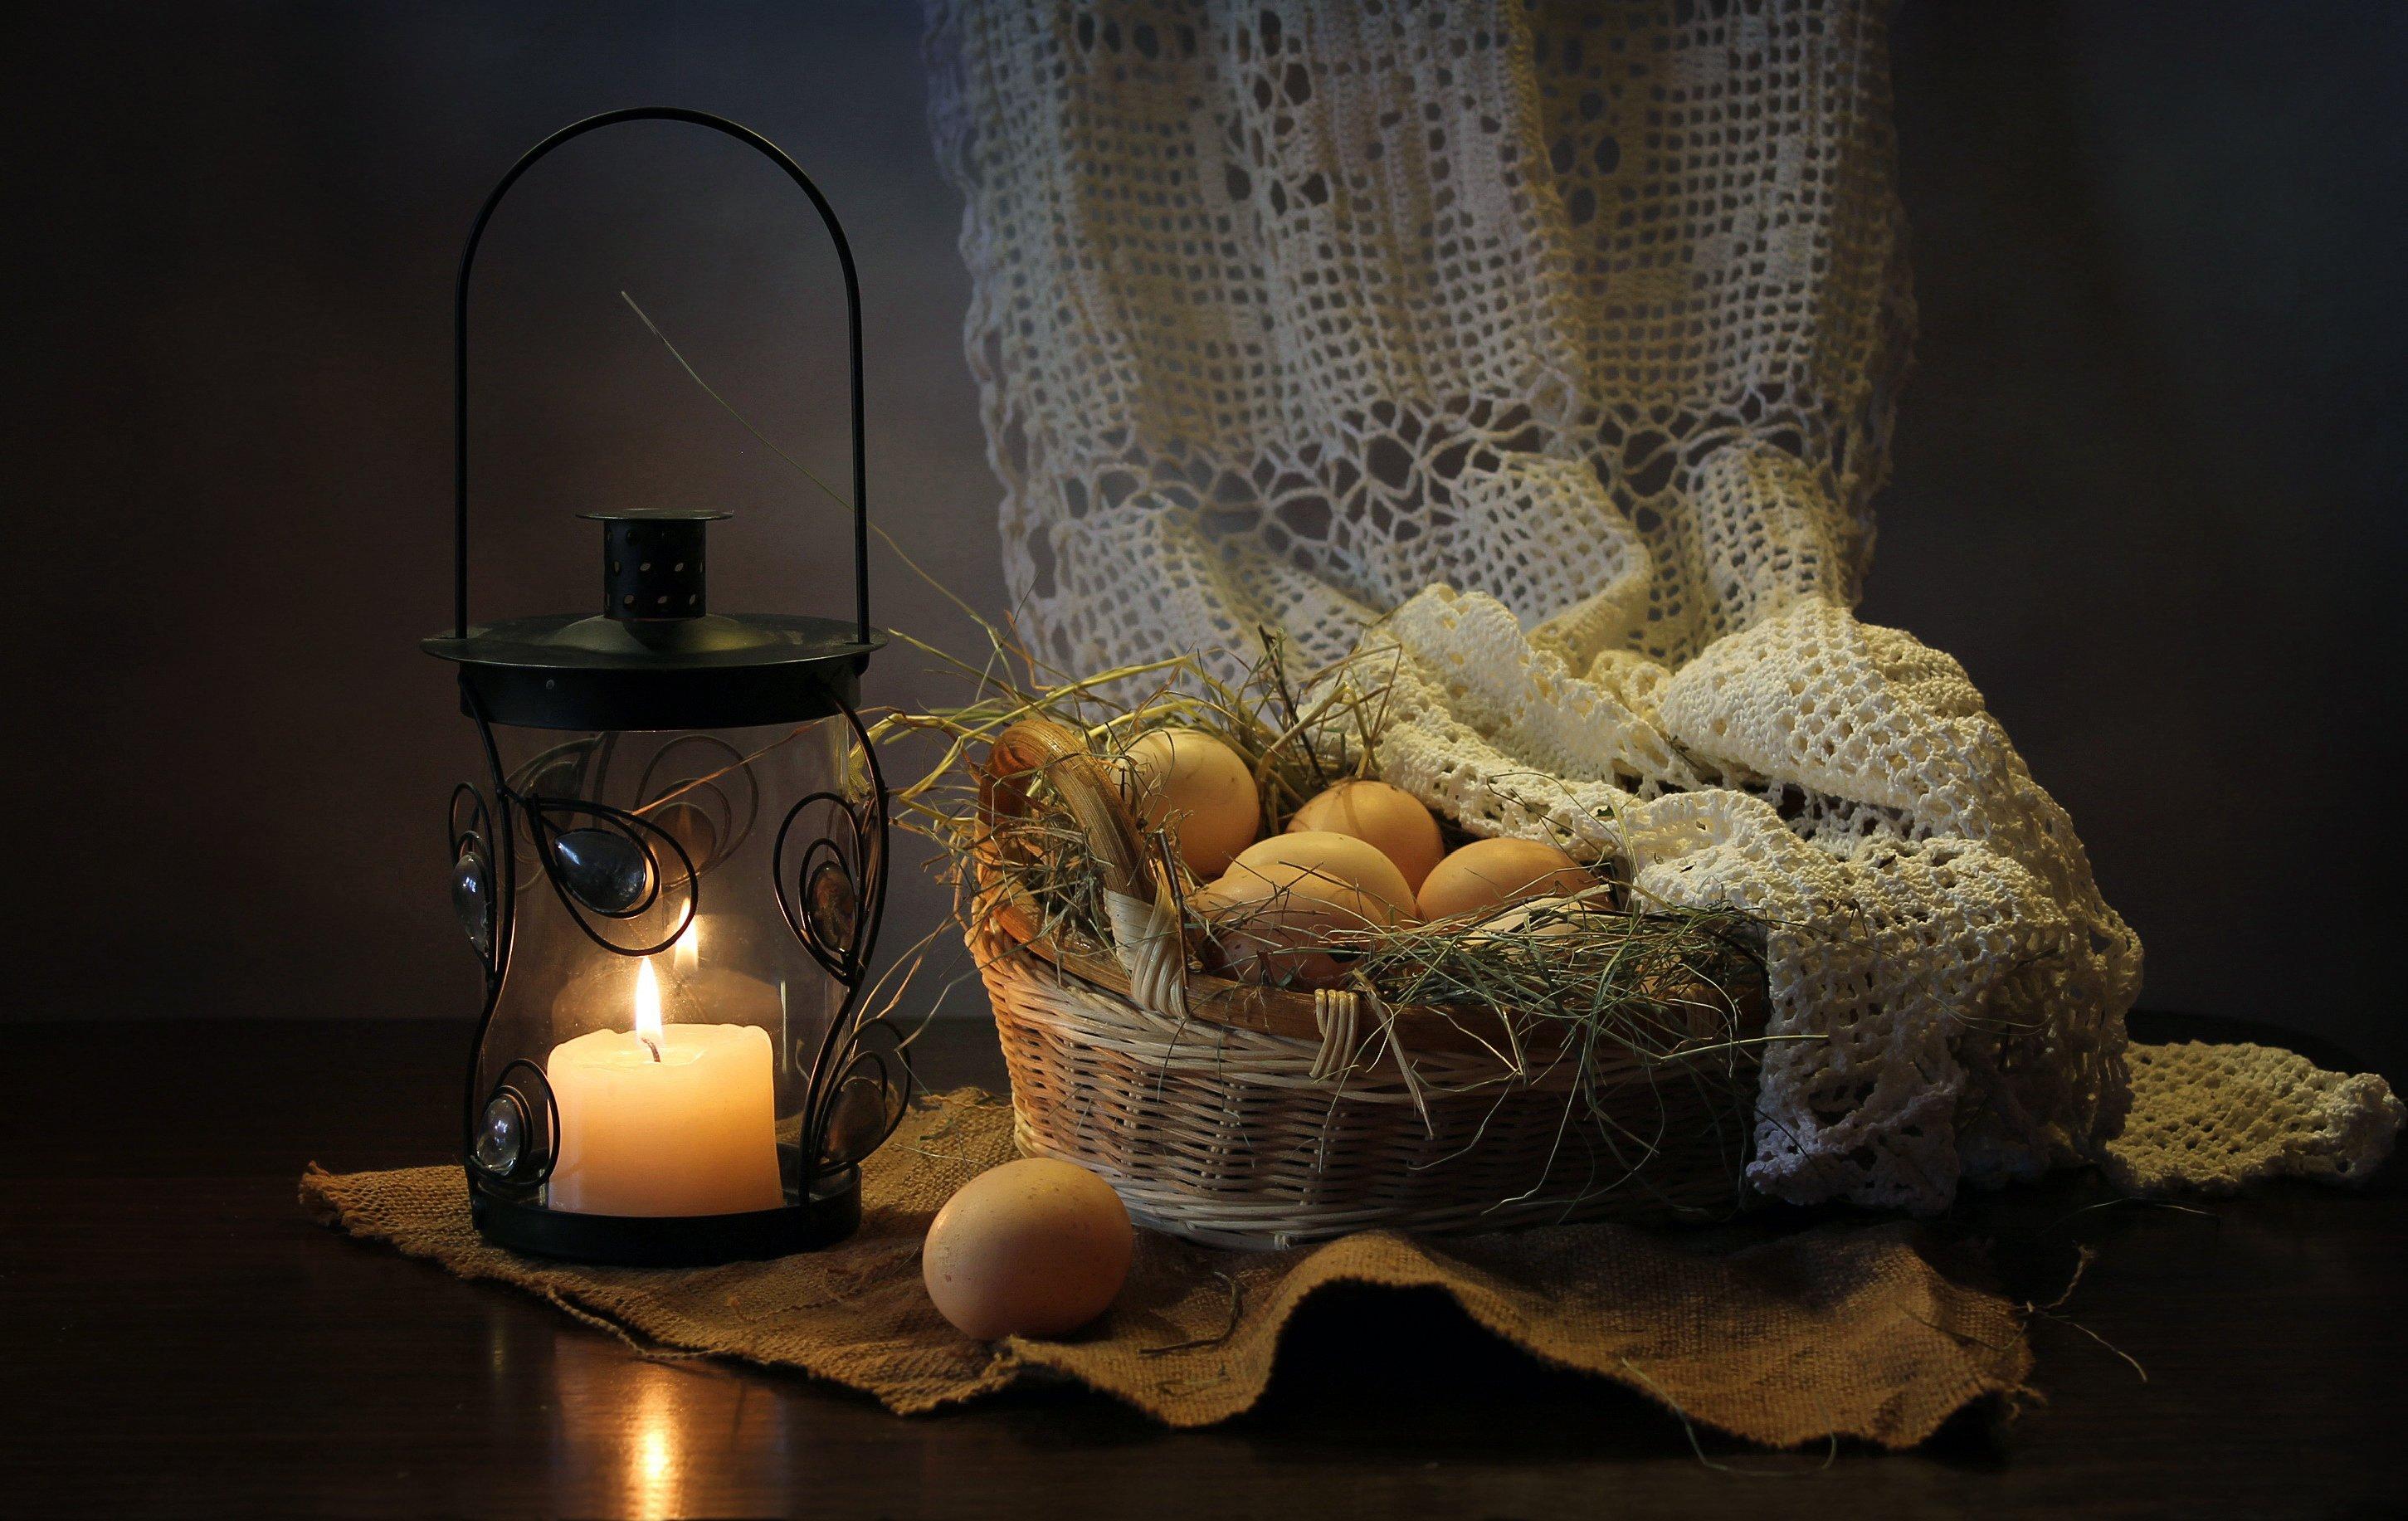 натюрморт, корзина, яйца, фонарик,  подсвечник, пасха, Ковалева Светлана